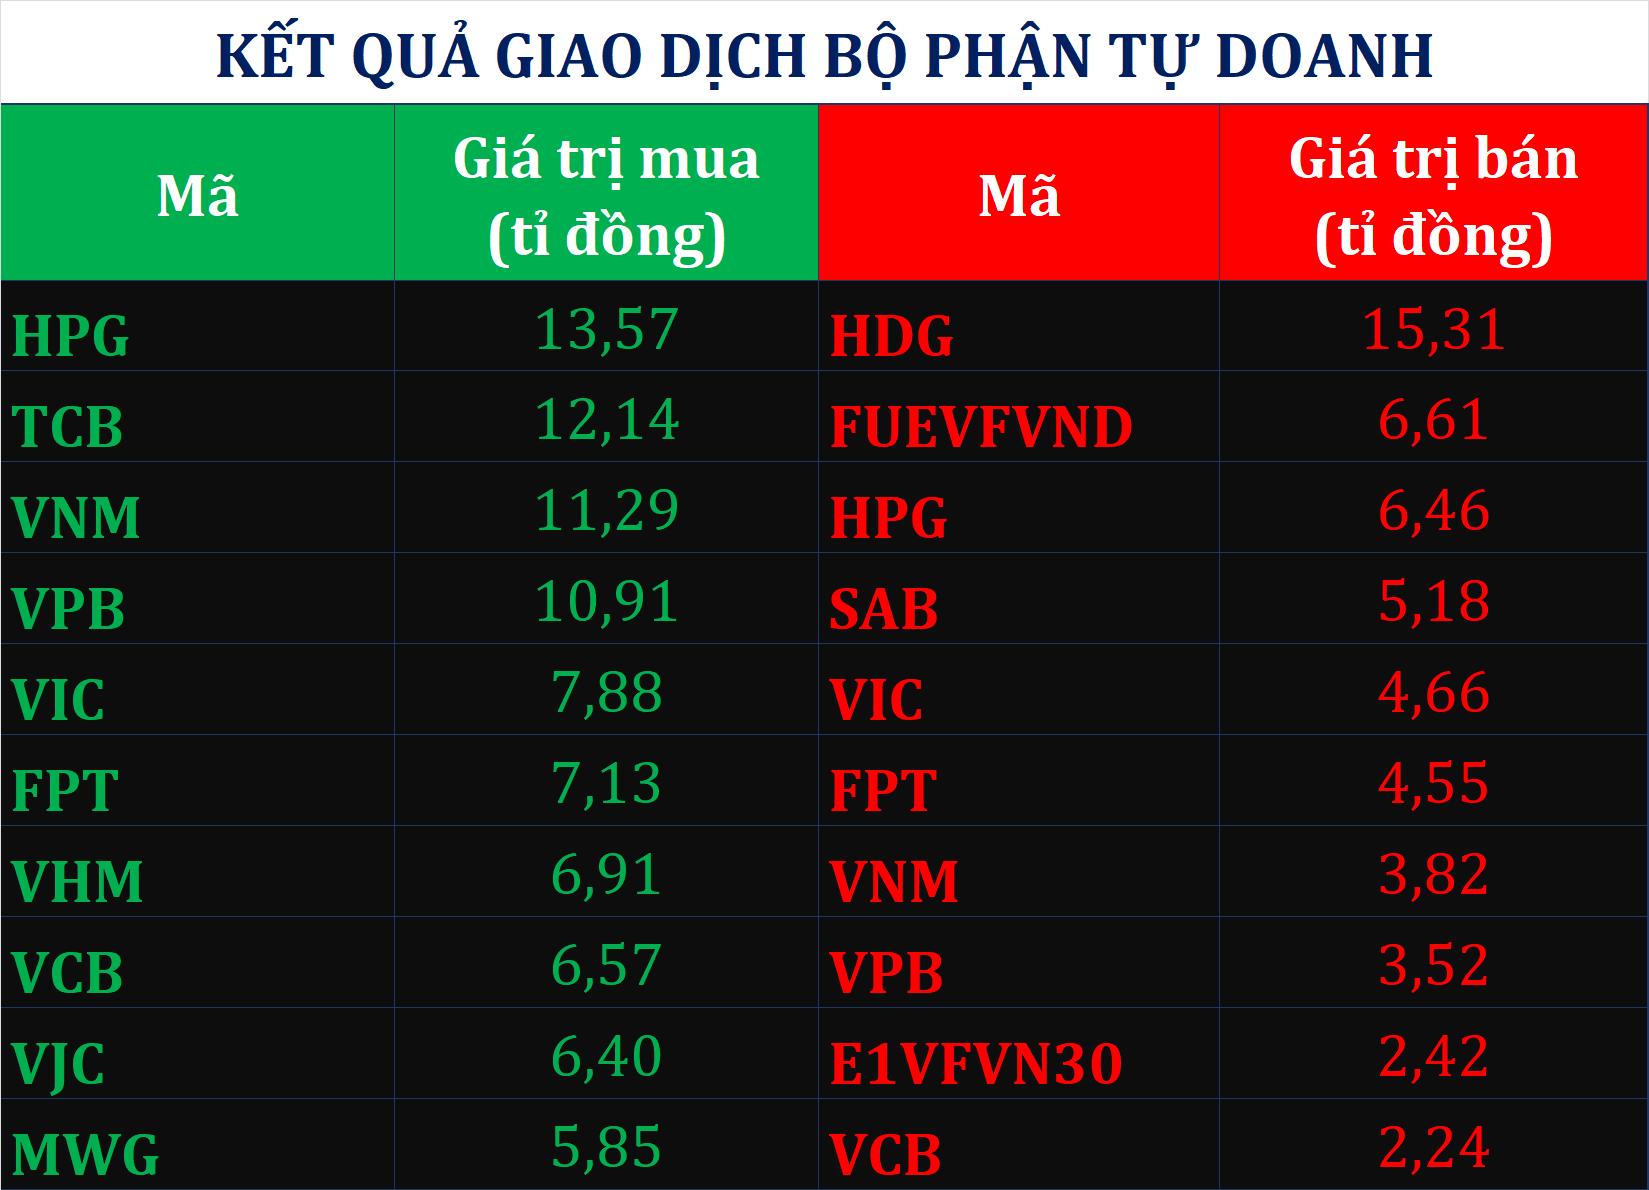 Dòng tiền thông minh 7/8: Tự doanh CTCK trở lại gom cổ phiếu phiên VN-Index tăng thứ 4 liên tiếp - Ảnh 1.